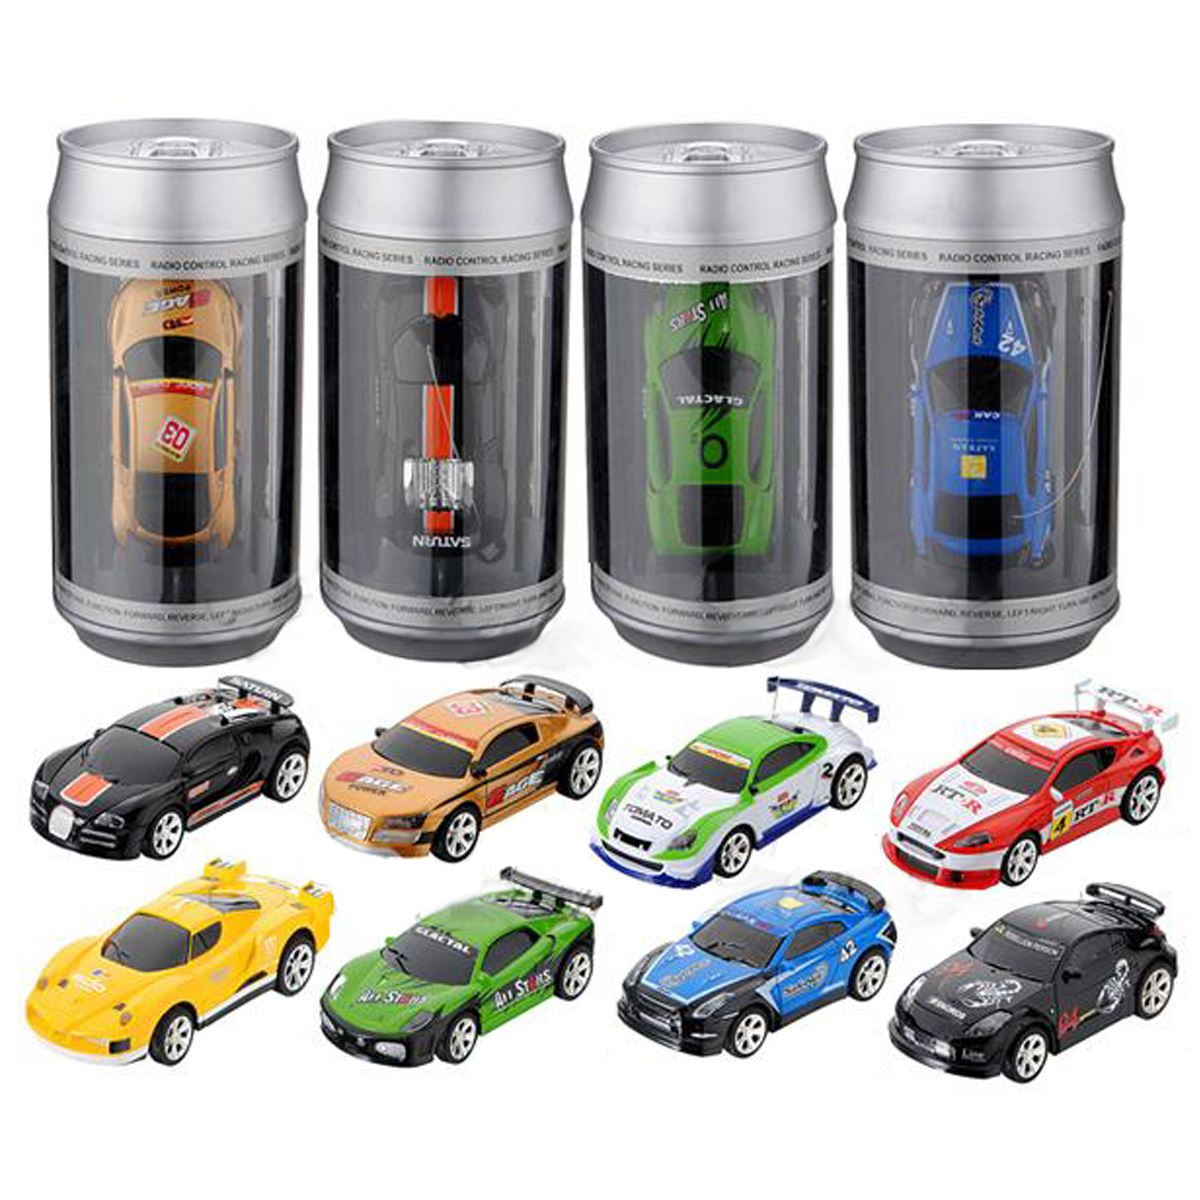 8 colores ventas calientes 20 km/h Coca-Cola puede Mini RC Radio Control remoto Micro Car Racing 4 frecuencias juguete para los niños